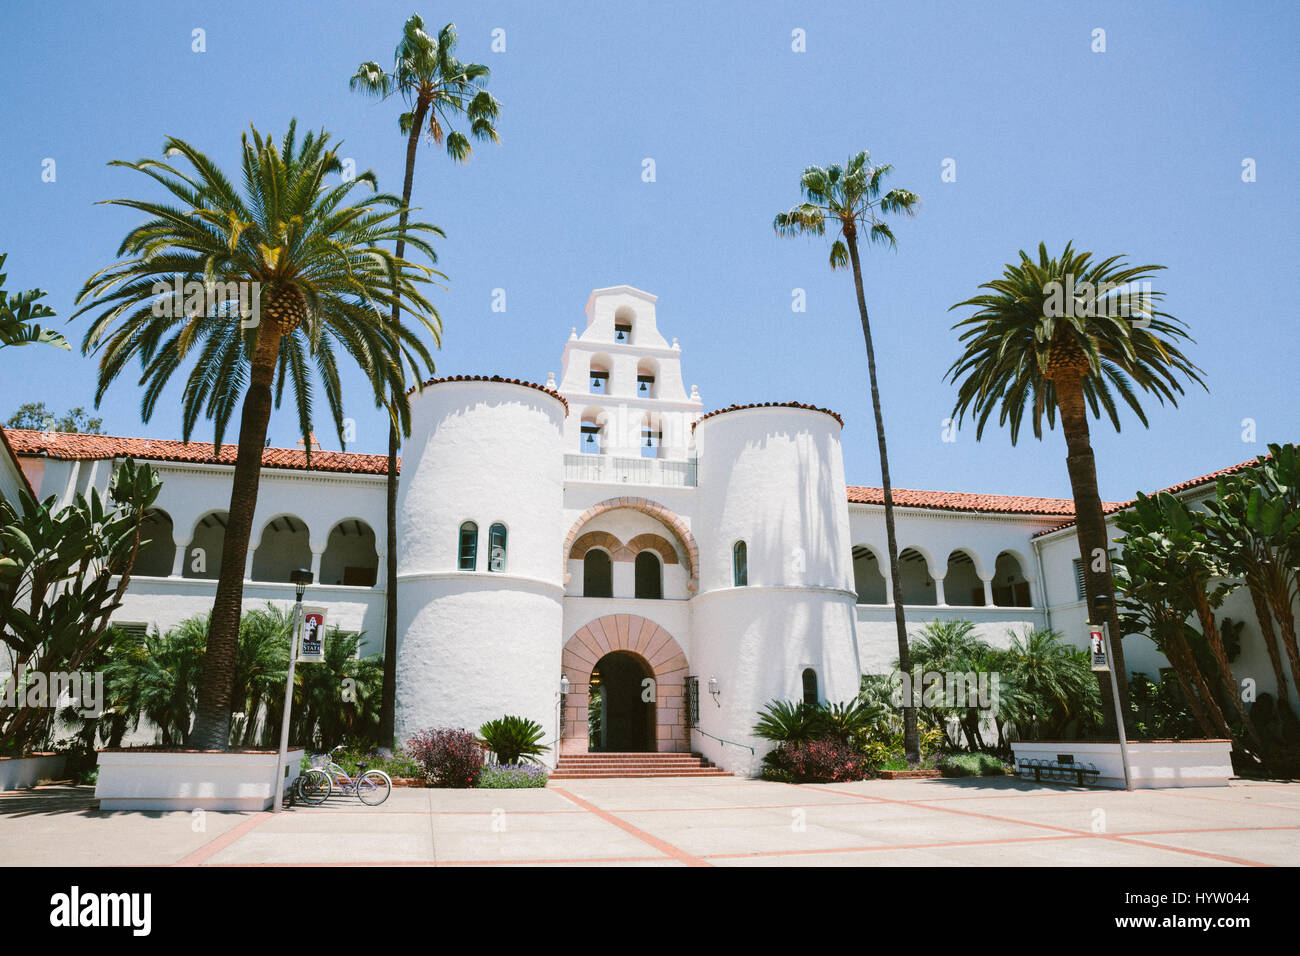 Hepner Hall at San Diego State University (SDSU), California, USA - Stock Image